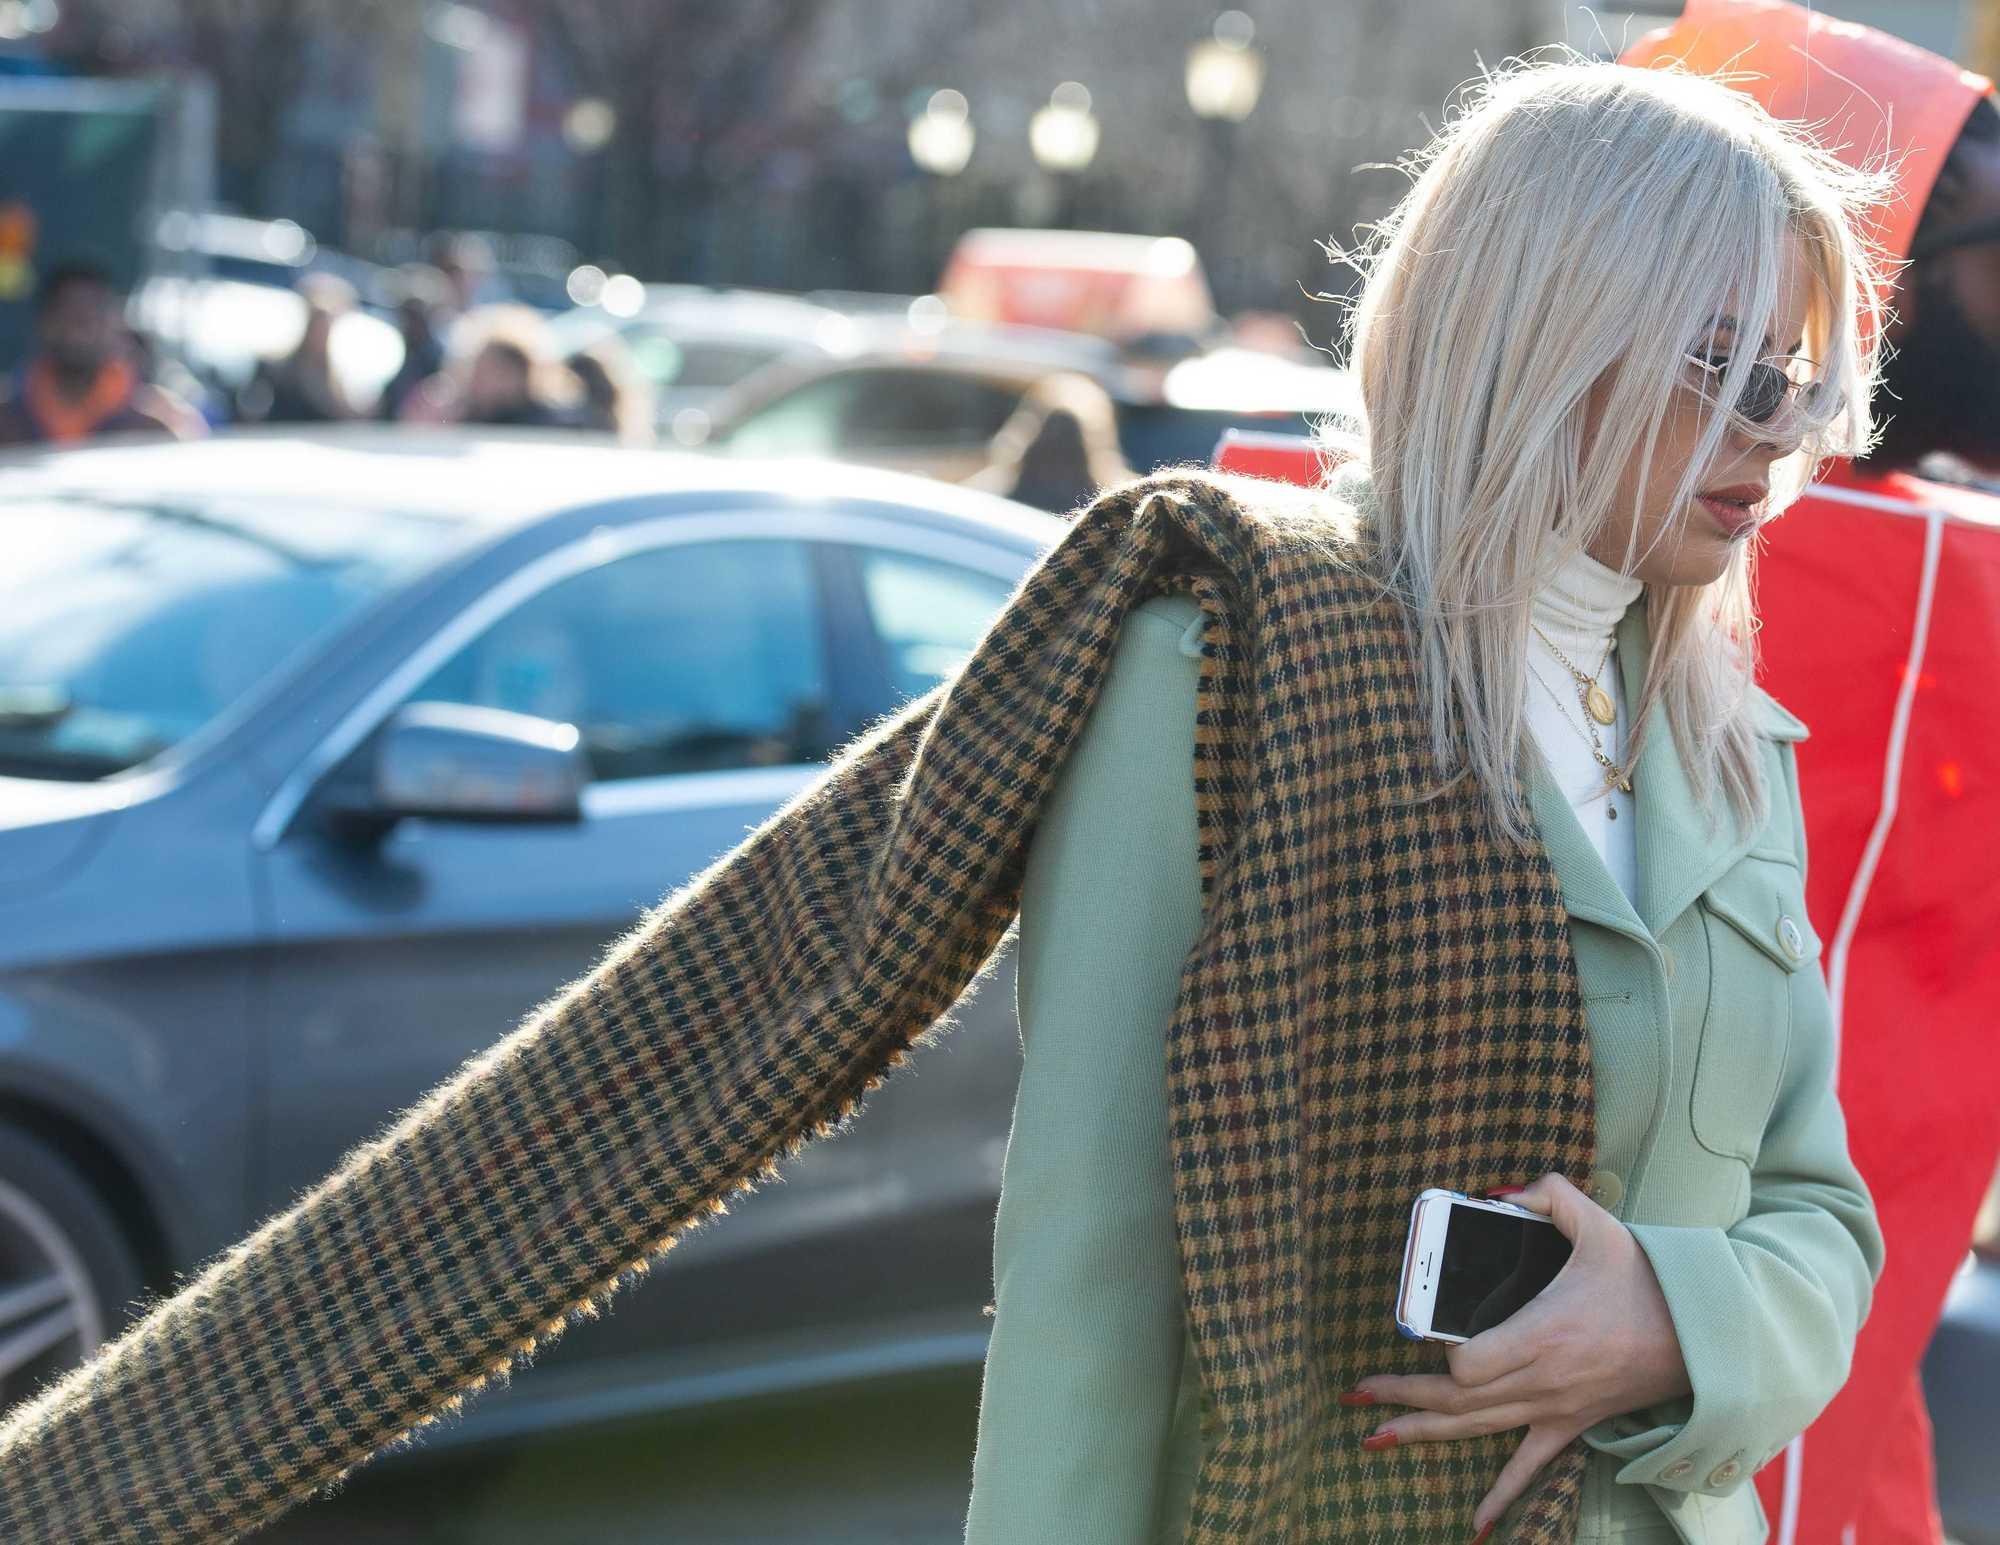 Femme dans la rue avec des cheveux blond cendré lisses aux épaules, portant un foulard à carreaux avec un blazer vert menthe à l'extérieur.